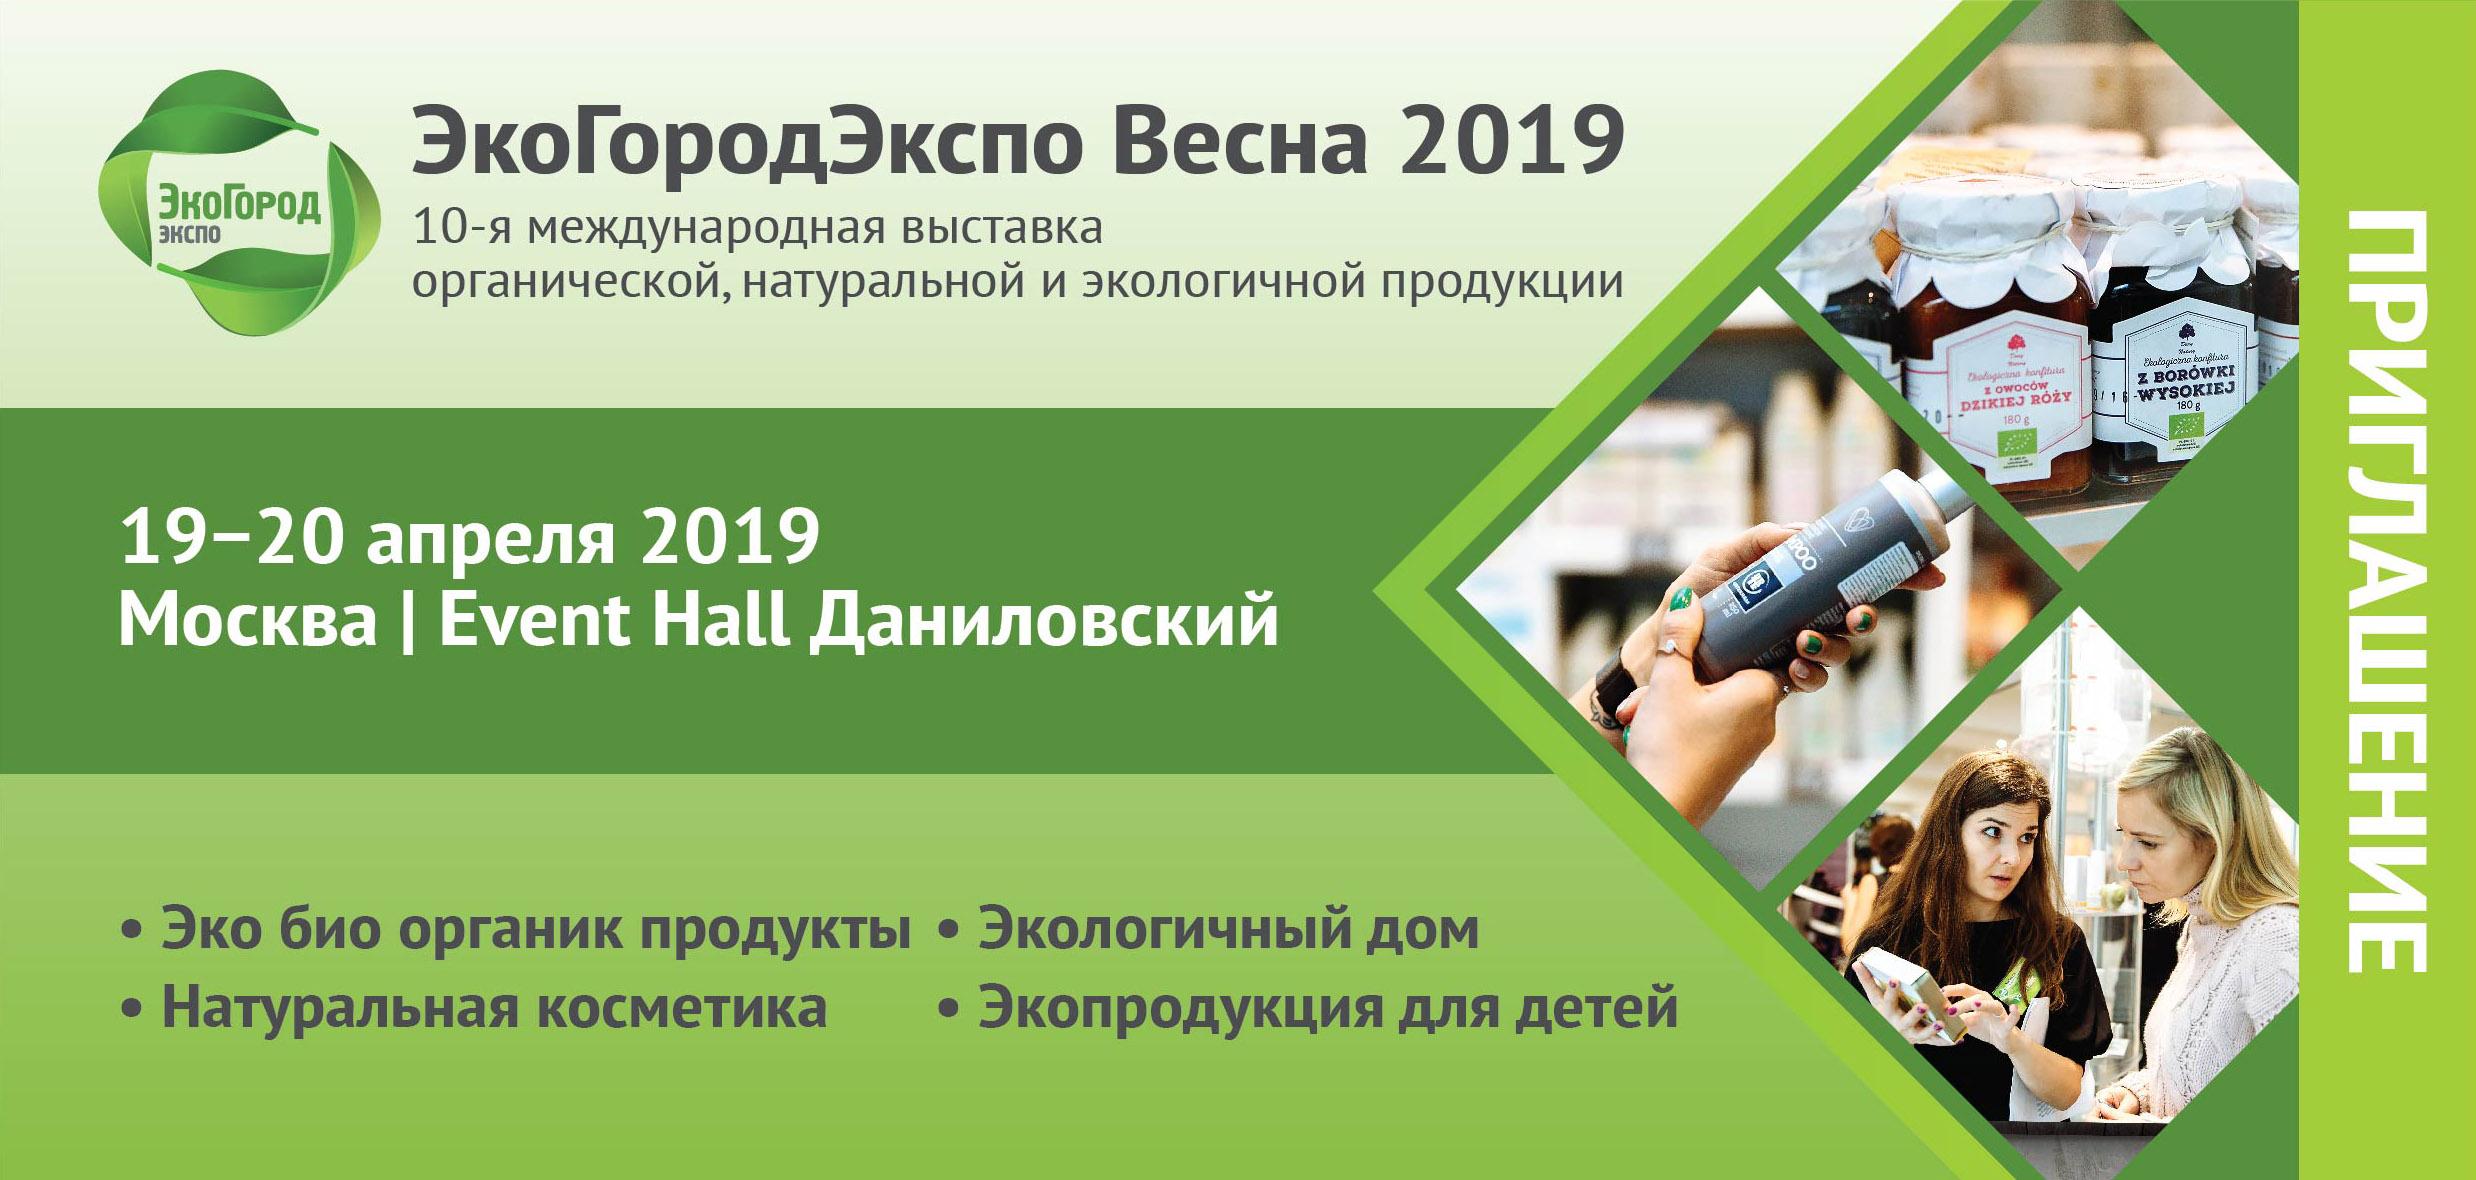 Invitation_2019_face.jpg